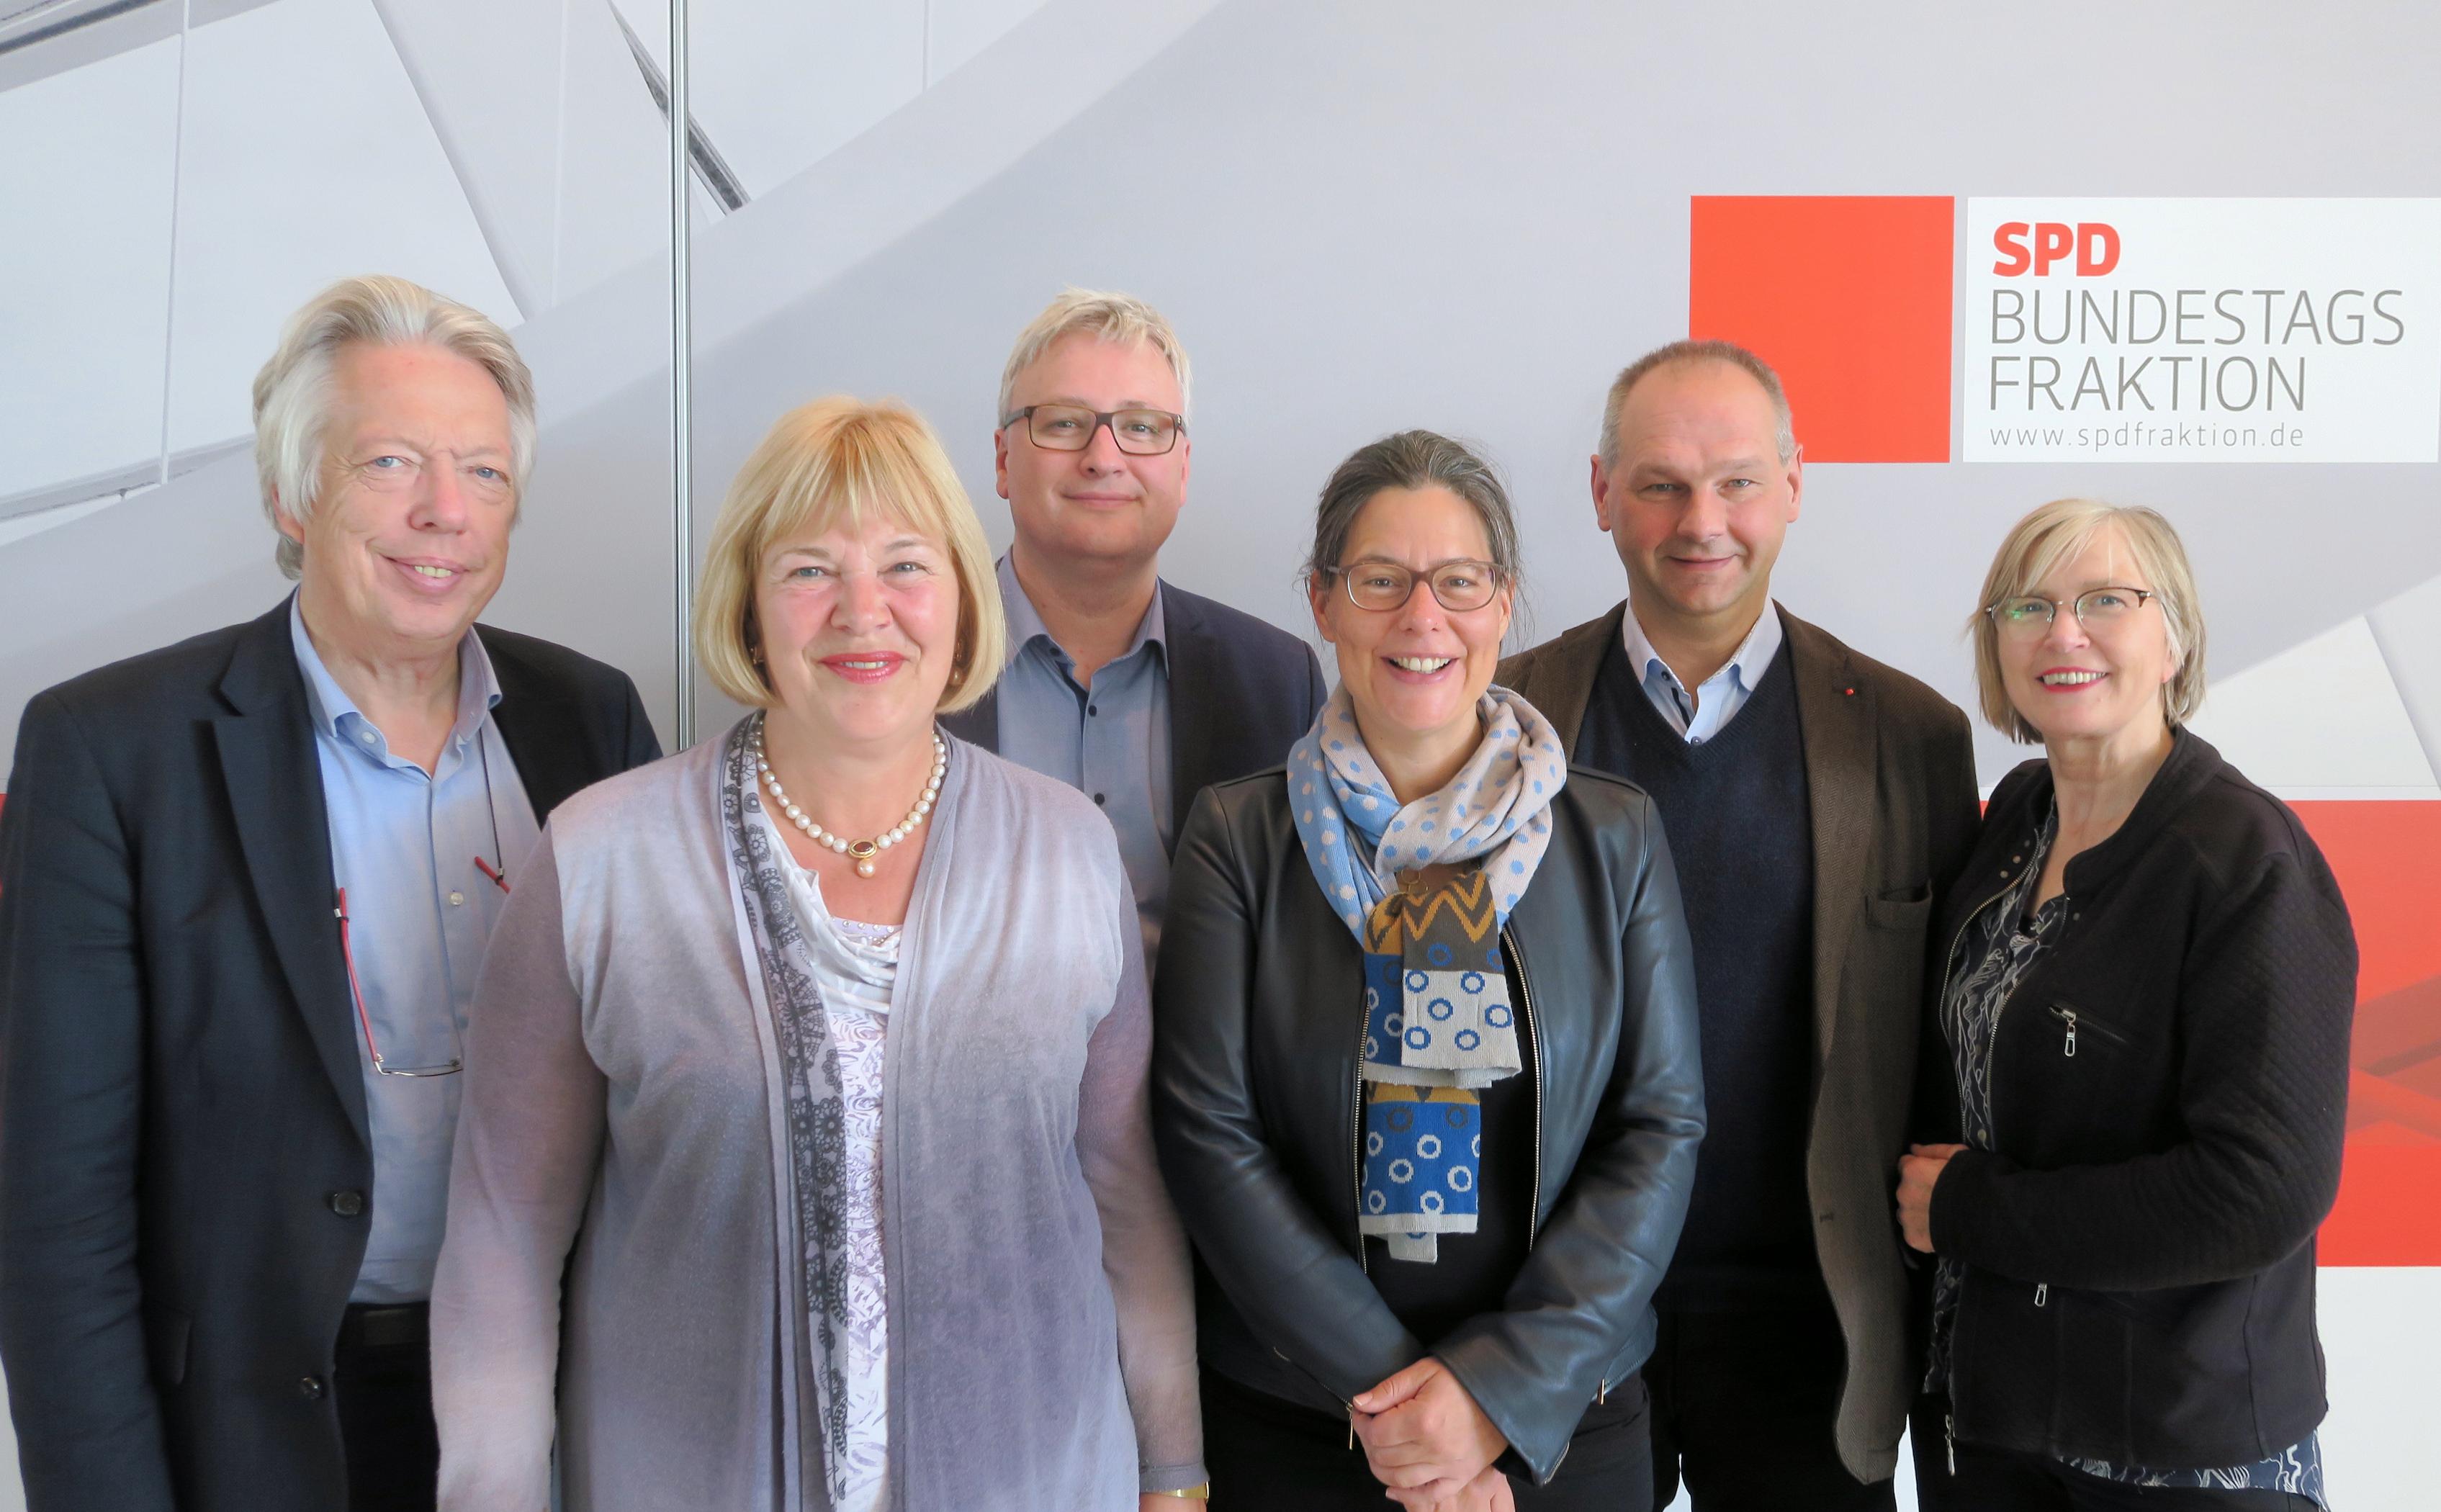 SPD-Landesgruppe: Wechsel beim Sprecherposten   Ernst Dieter Rossmann